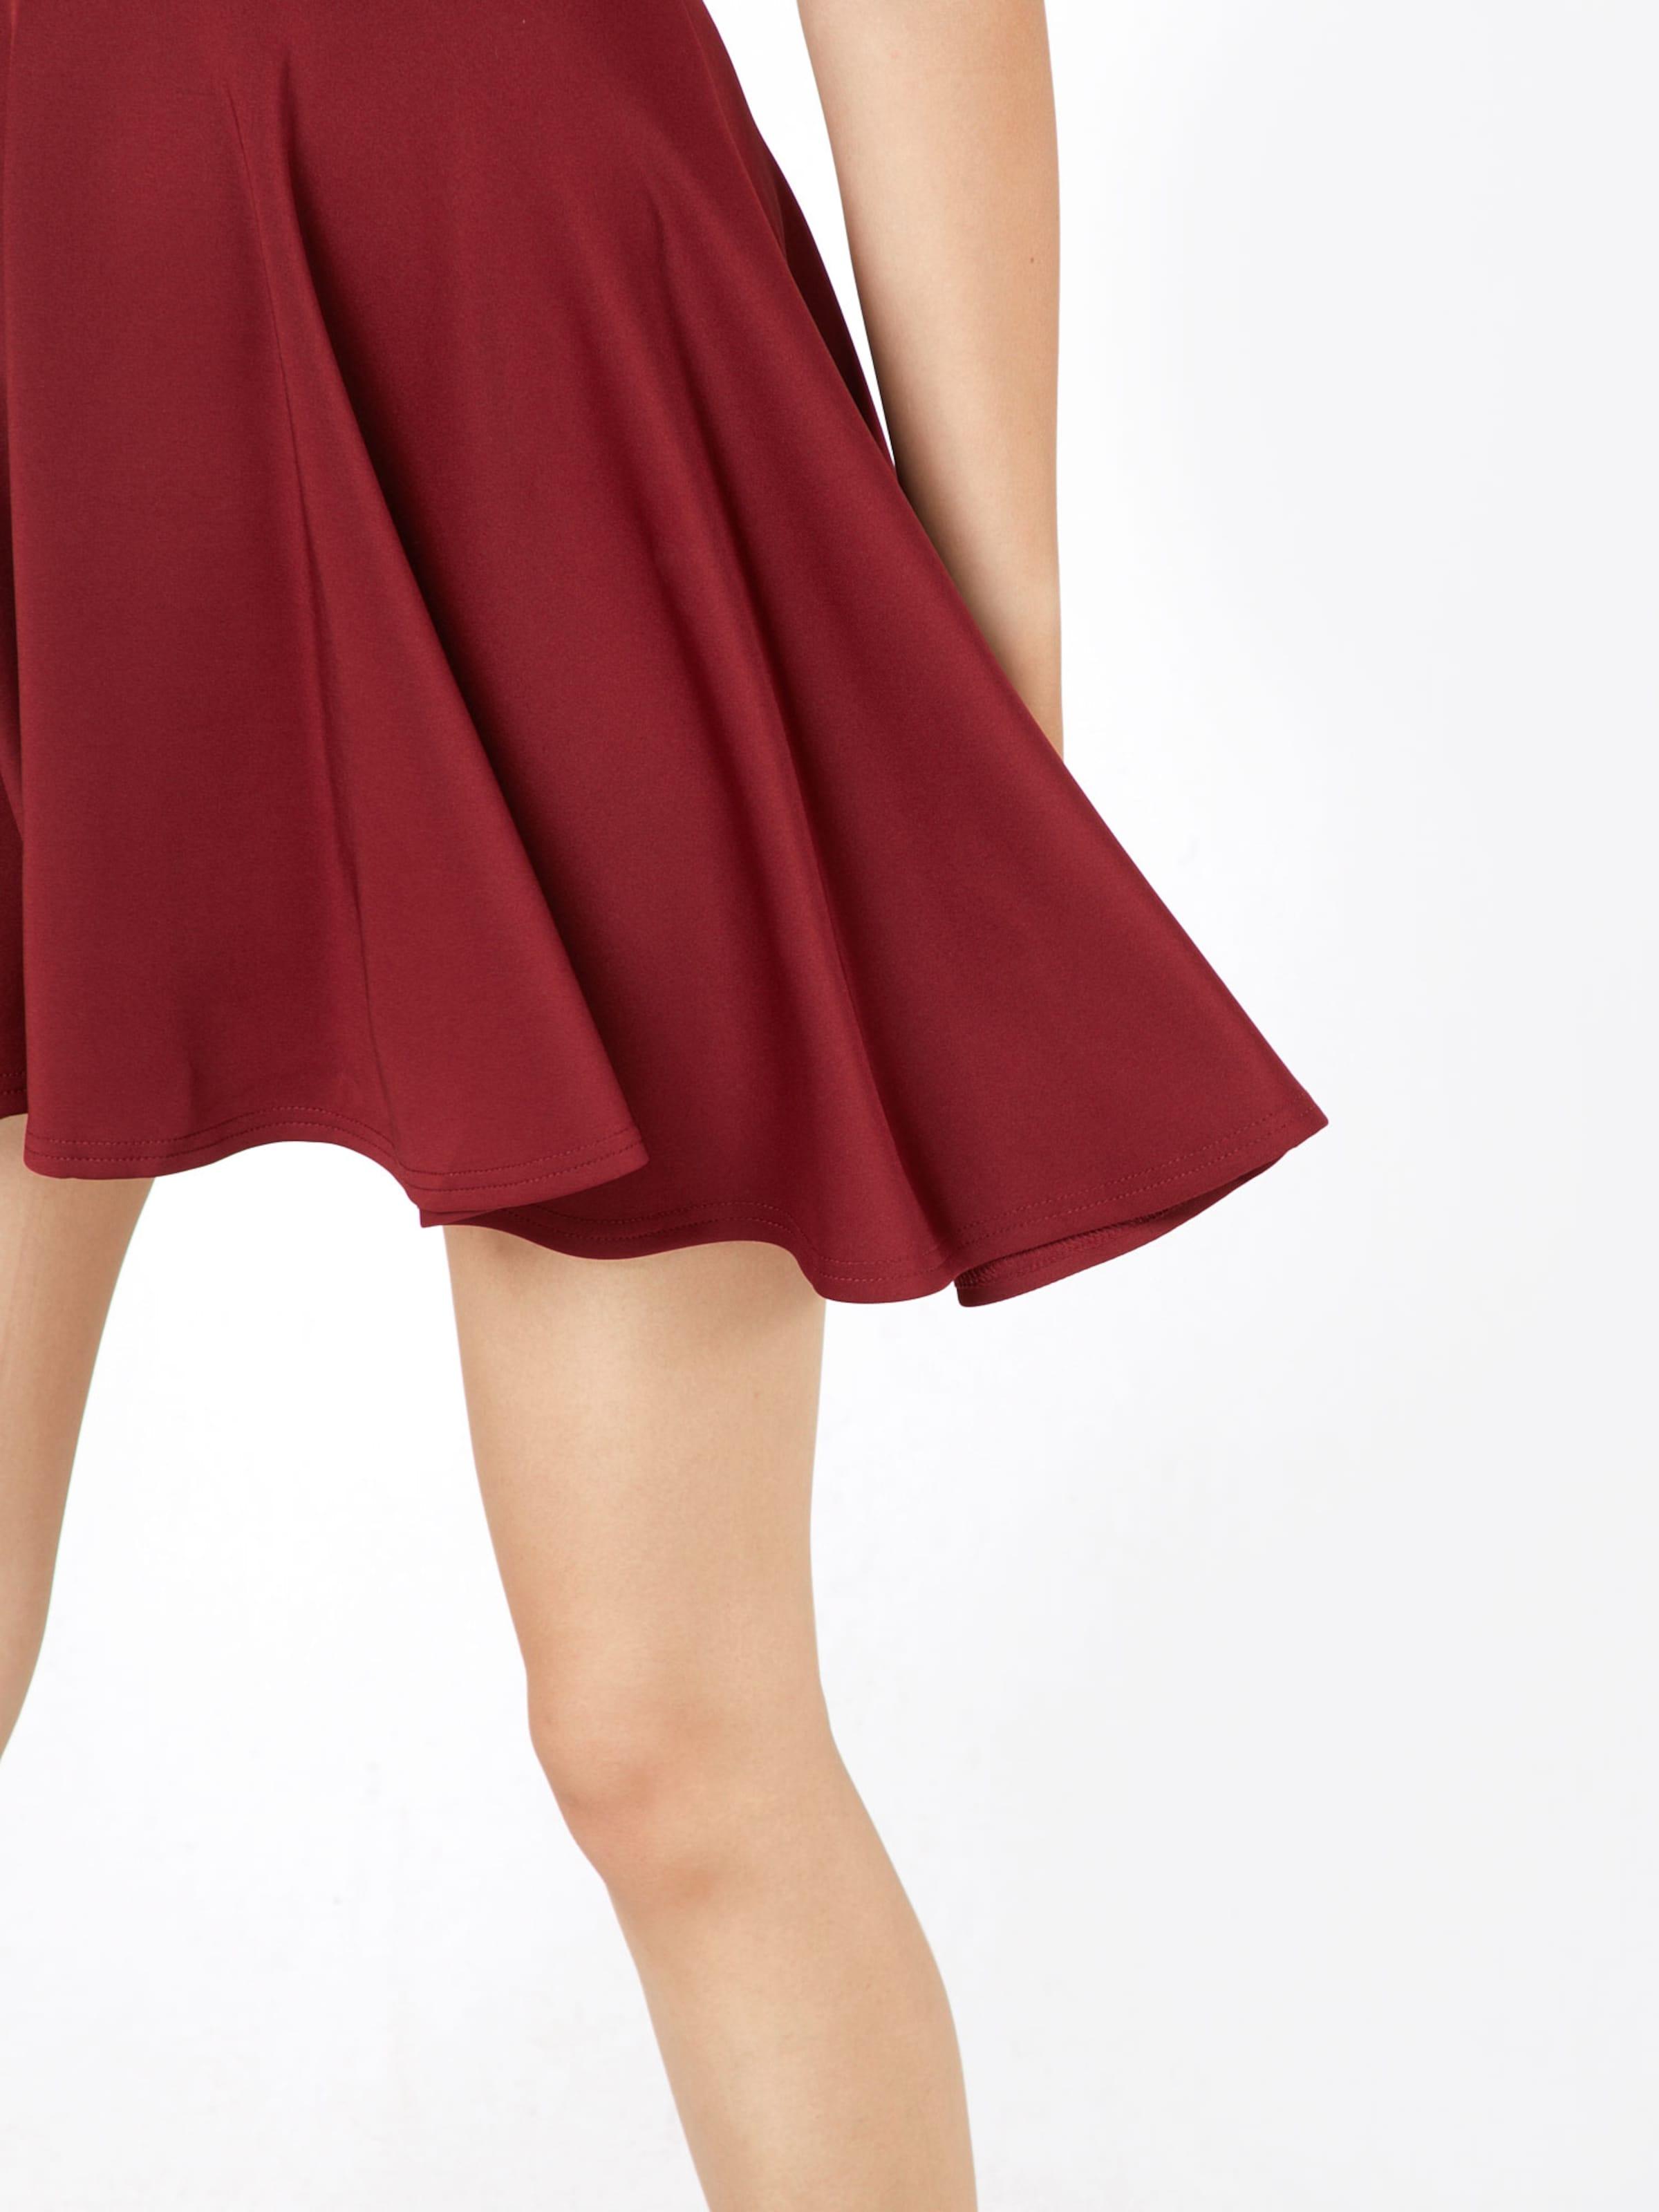 Outlet-Store Niedrige Versandgebühr Verkauf Online Boohoo Kleid 'TAMSIN' Billig Verkauf Fabrikverkauf  Wie Viel Ja Wirklich PZaaEY